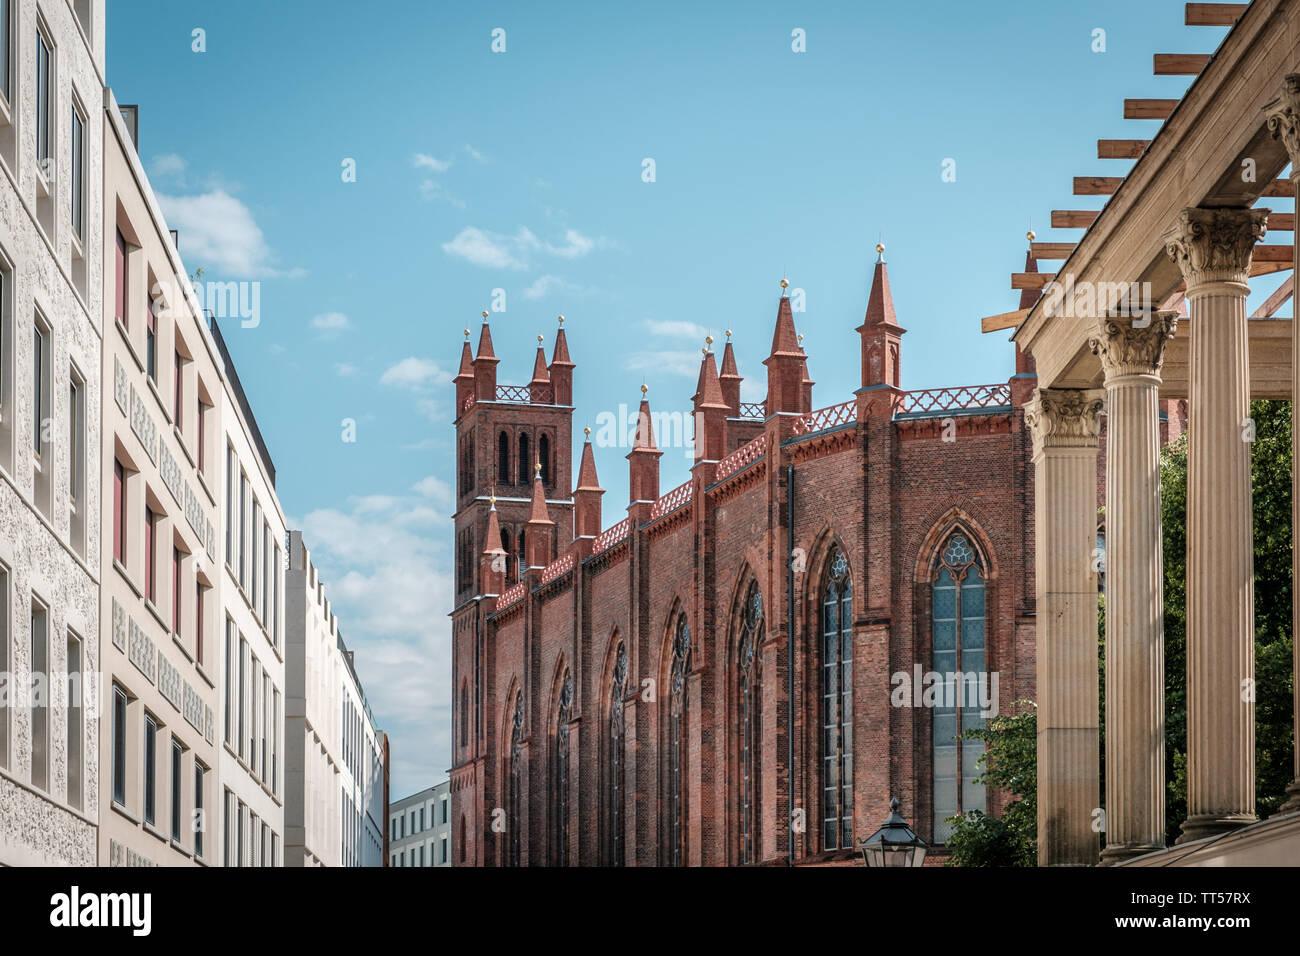 La arquitectura histórica, la iglesia y los edificios modernos, inmobiliaria en Berlín, Mitte Foto de stock